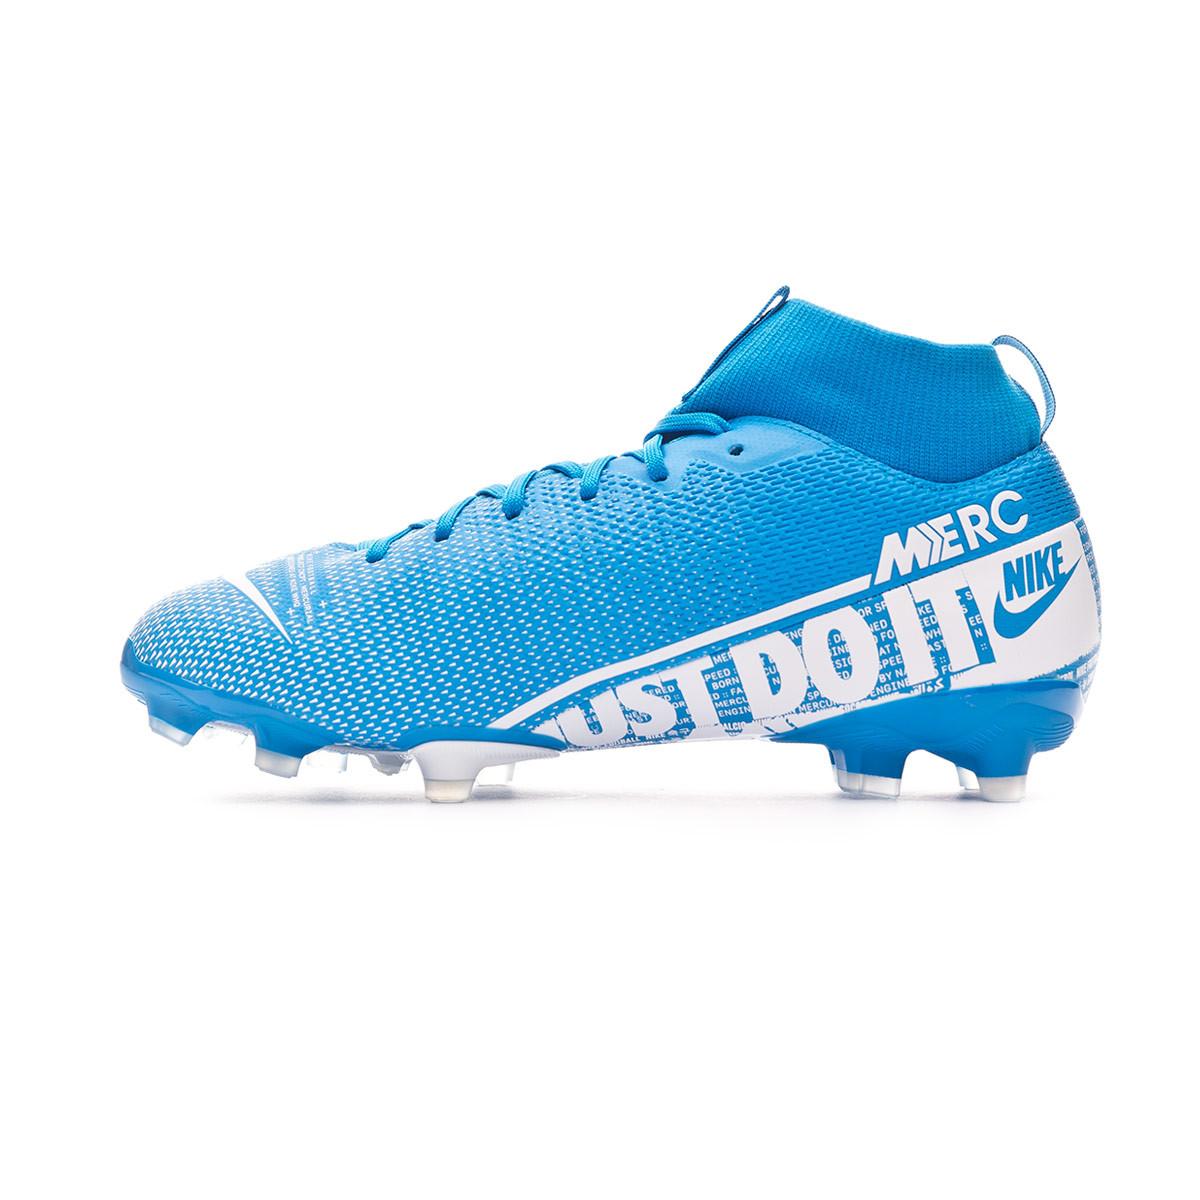 habilidad abortar Serafín  Zapatos de fútbol Nike Mercurial Superfly VII Academy FG/MG Niño Blue  hero-White-Obsidian - Tienda de fútbol Fútbol Emotion